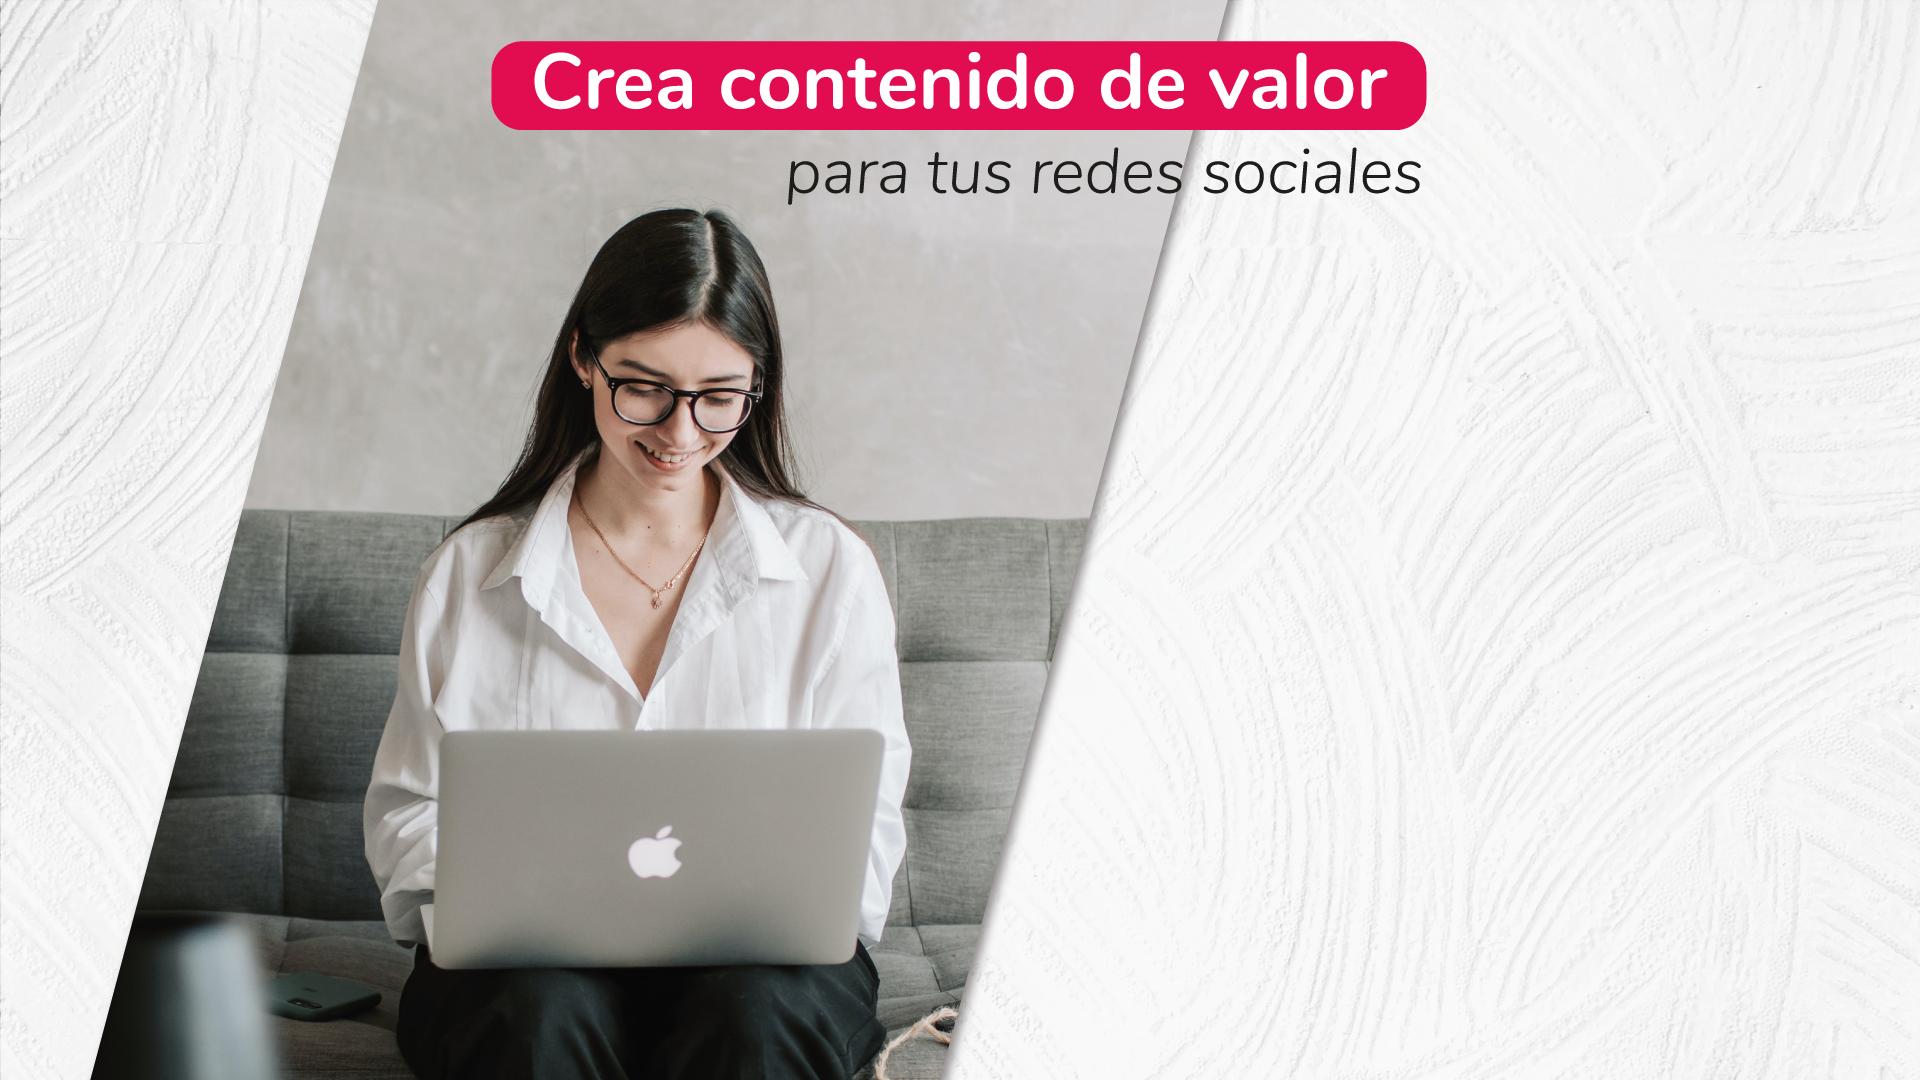 Crea contenido de valor para tus redes sociales